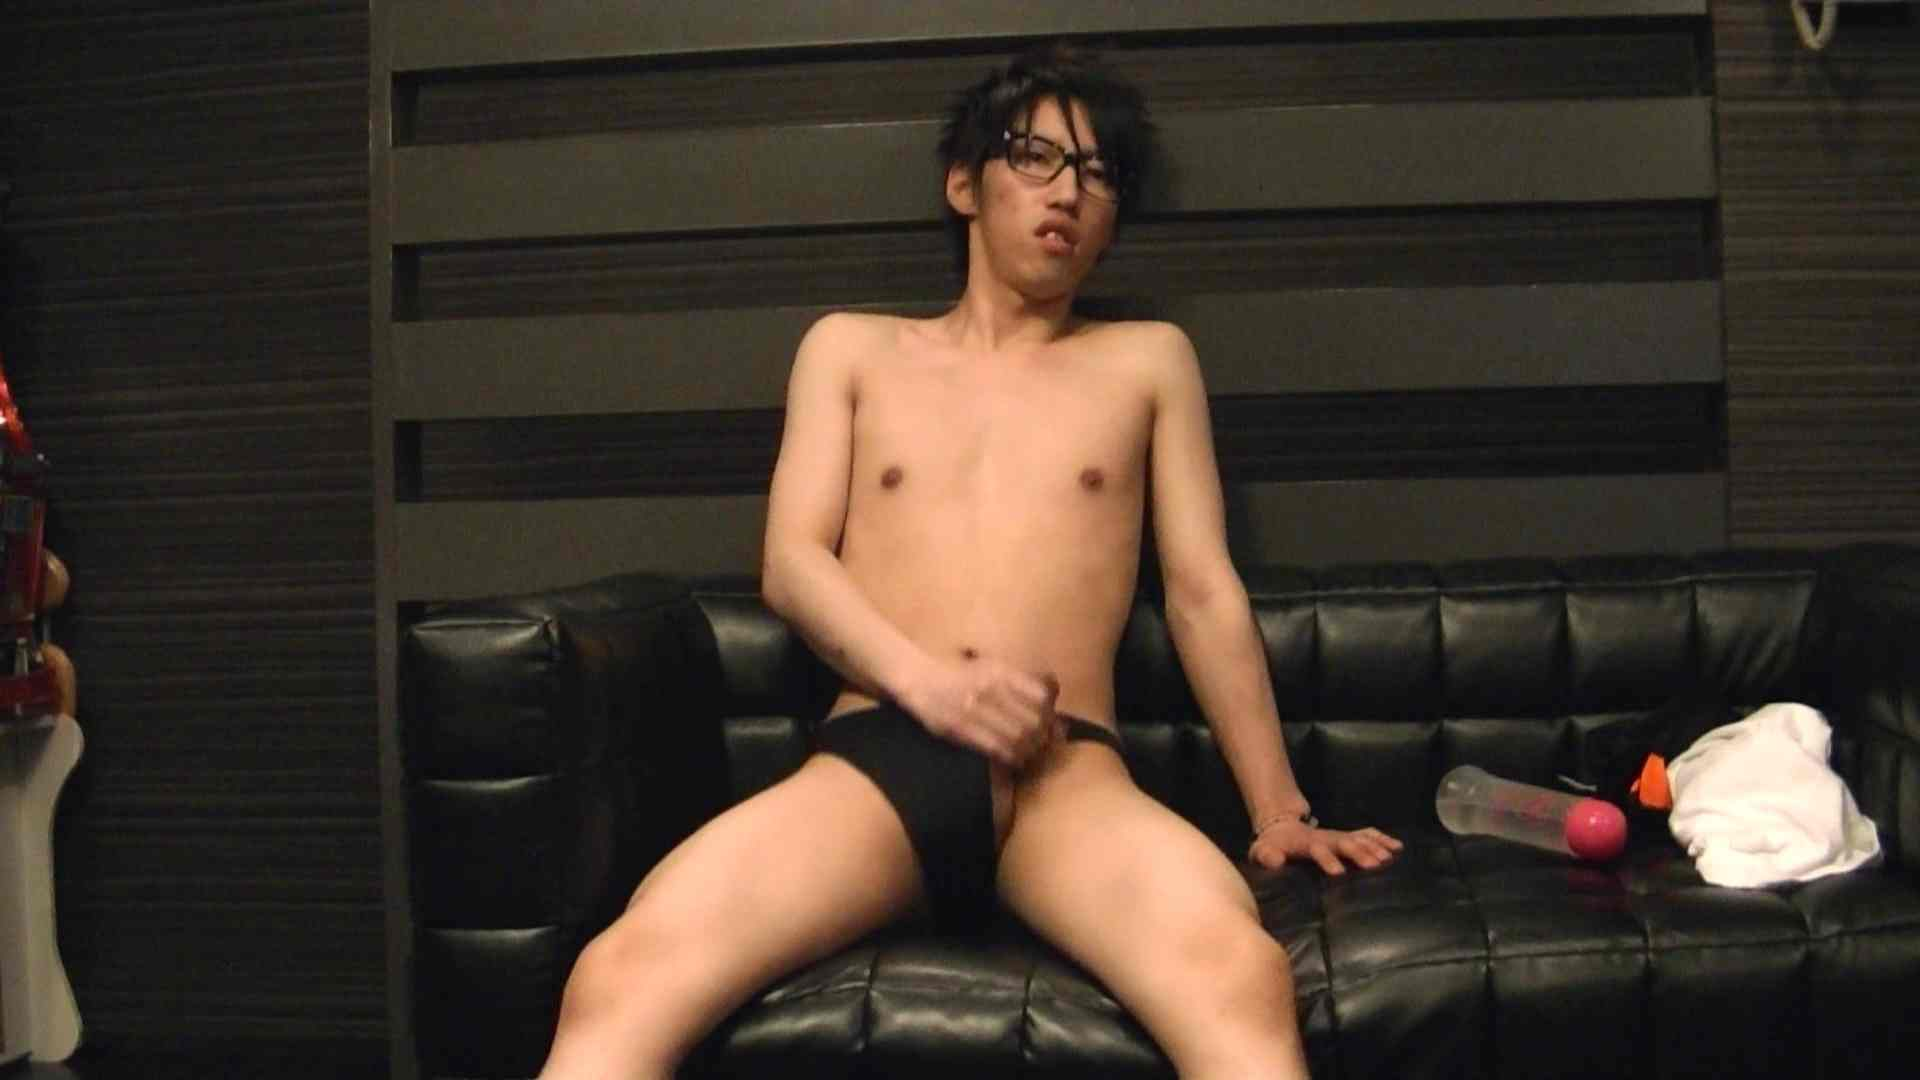 ゲイ 肉棒 動画|Mr.オナックスさん投稿!HD 貴方のオナニー三万円で撮影させてください。VOL.04|投稿